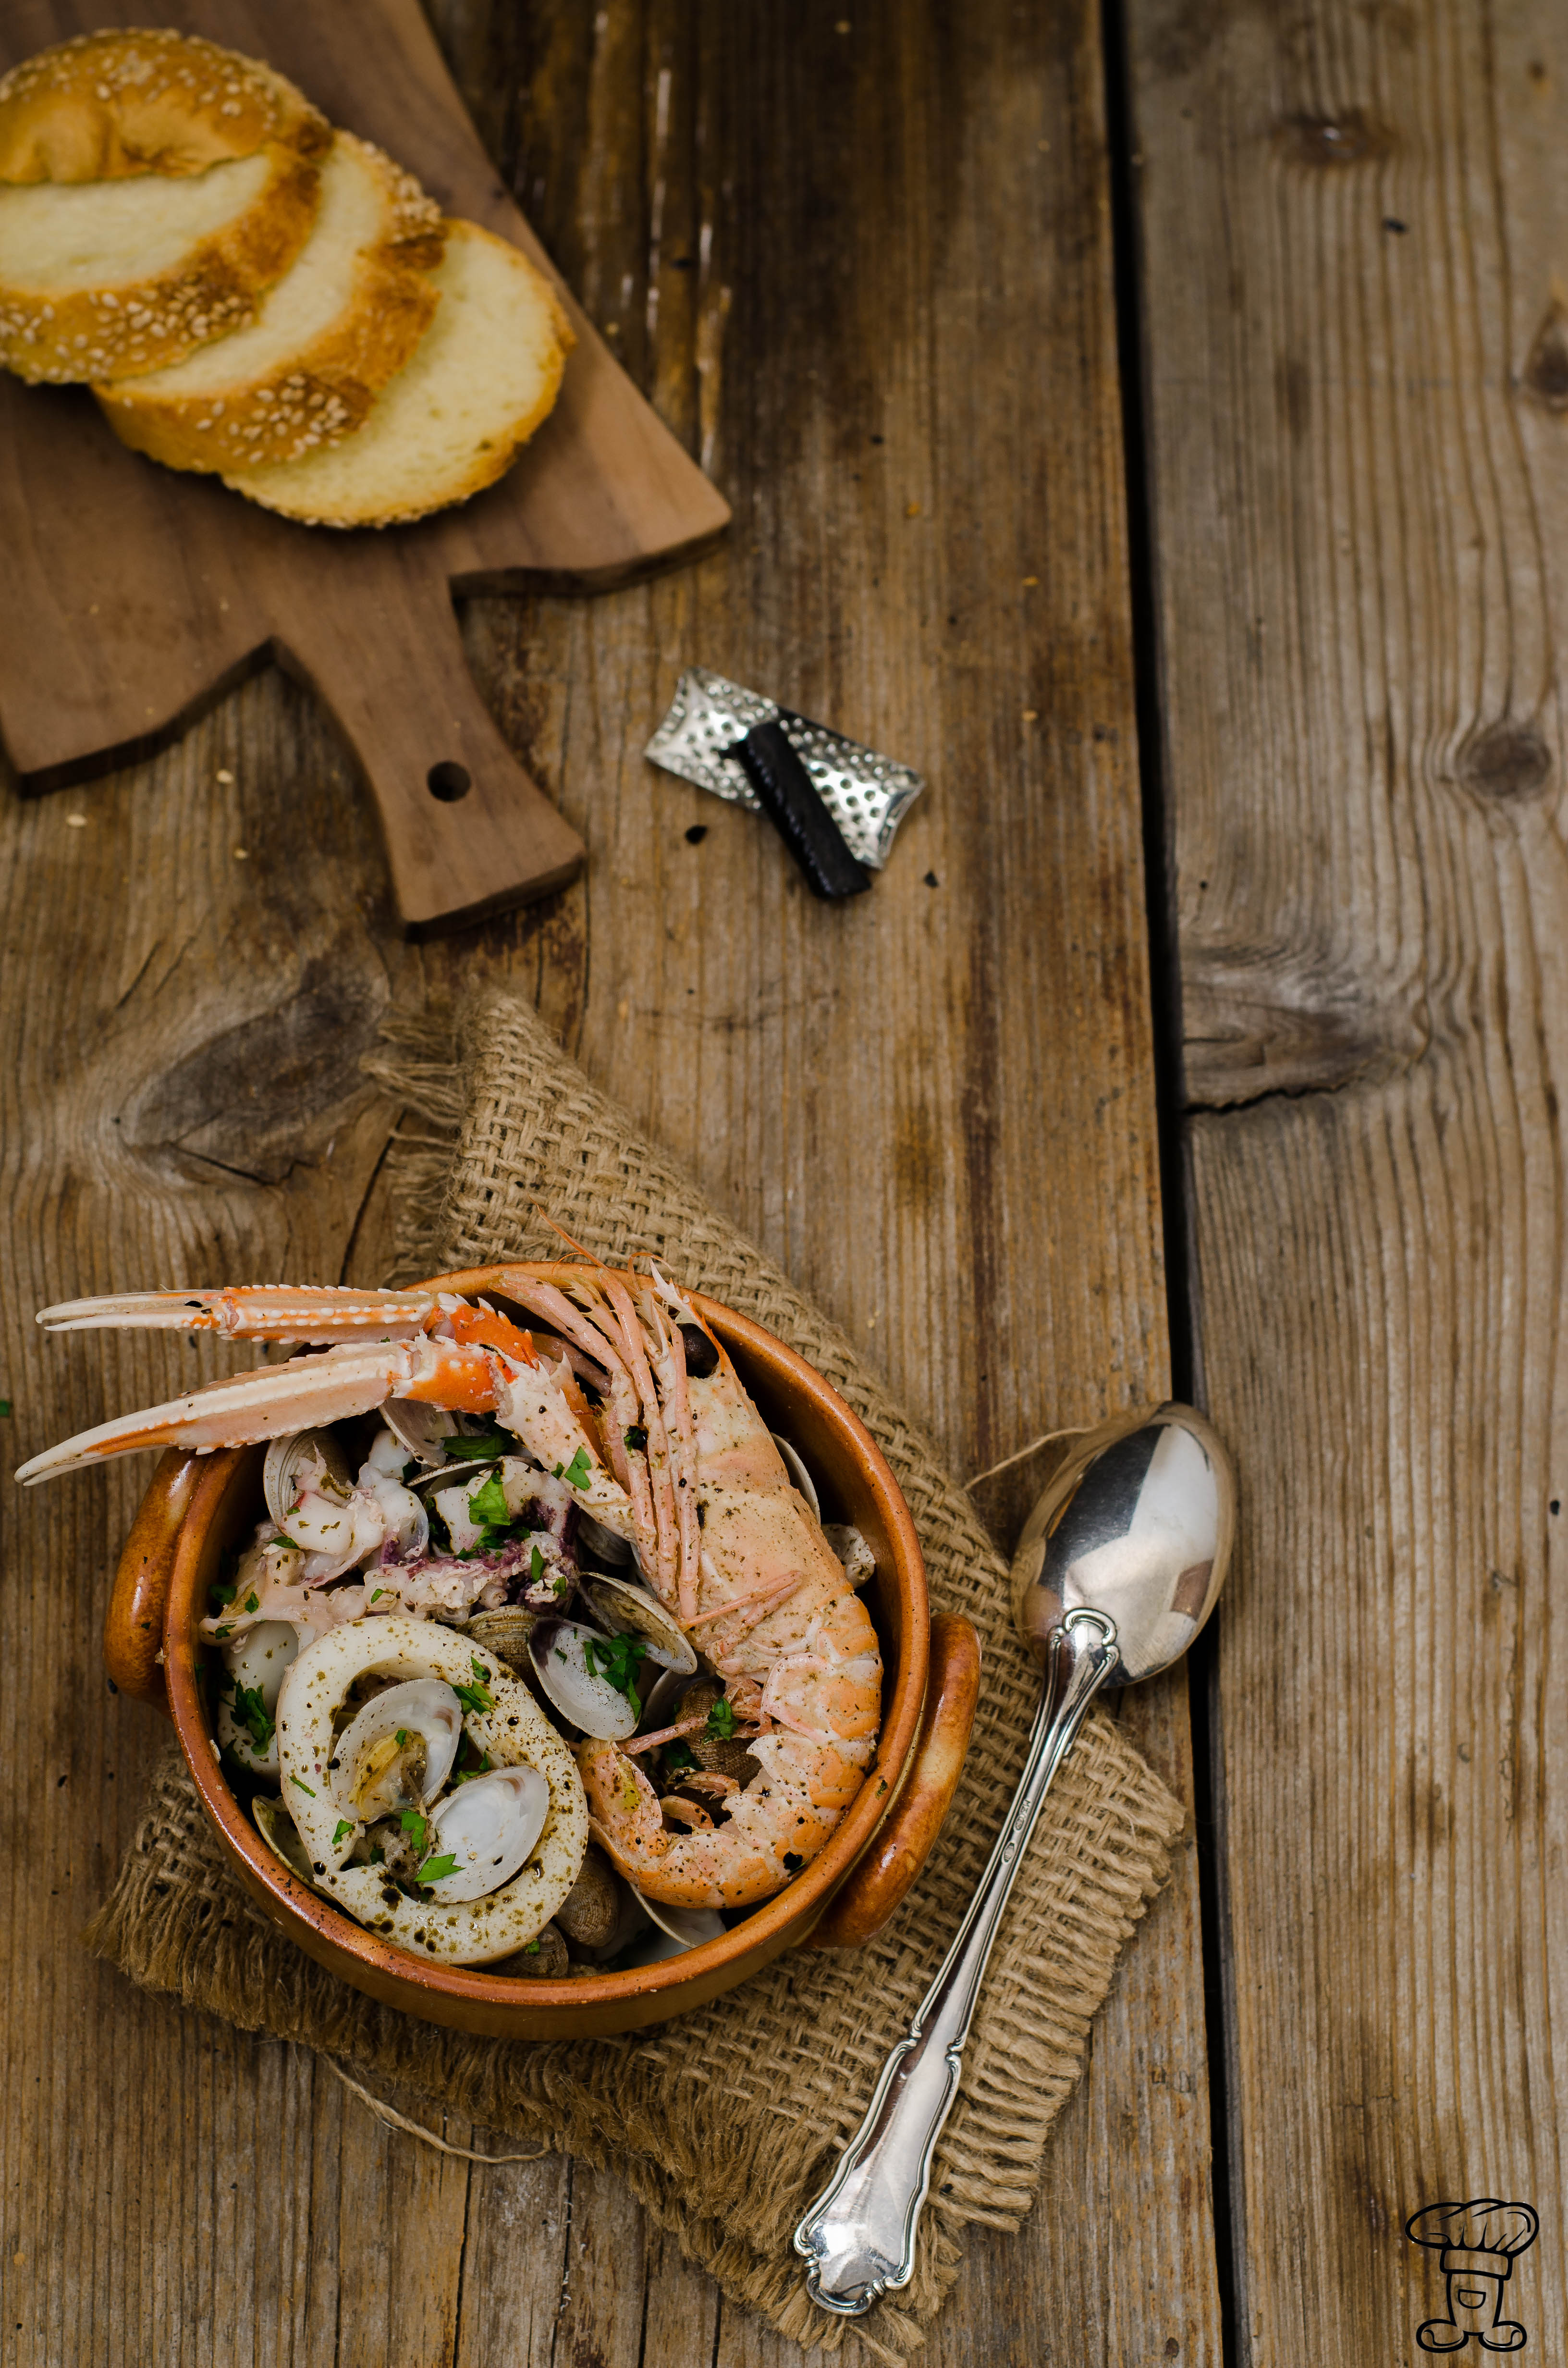 Brodetto_pesce_liquirizia2 Brodetto di pesce alla liquirizia